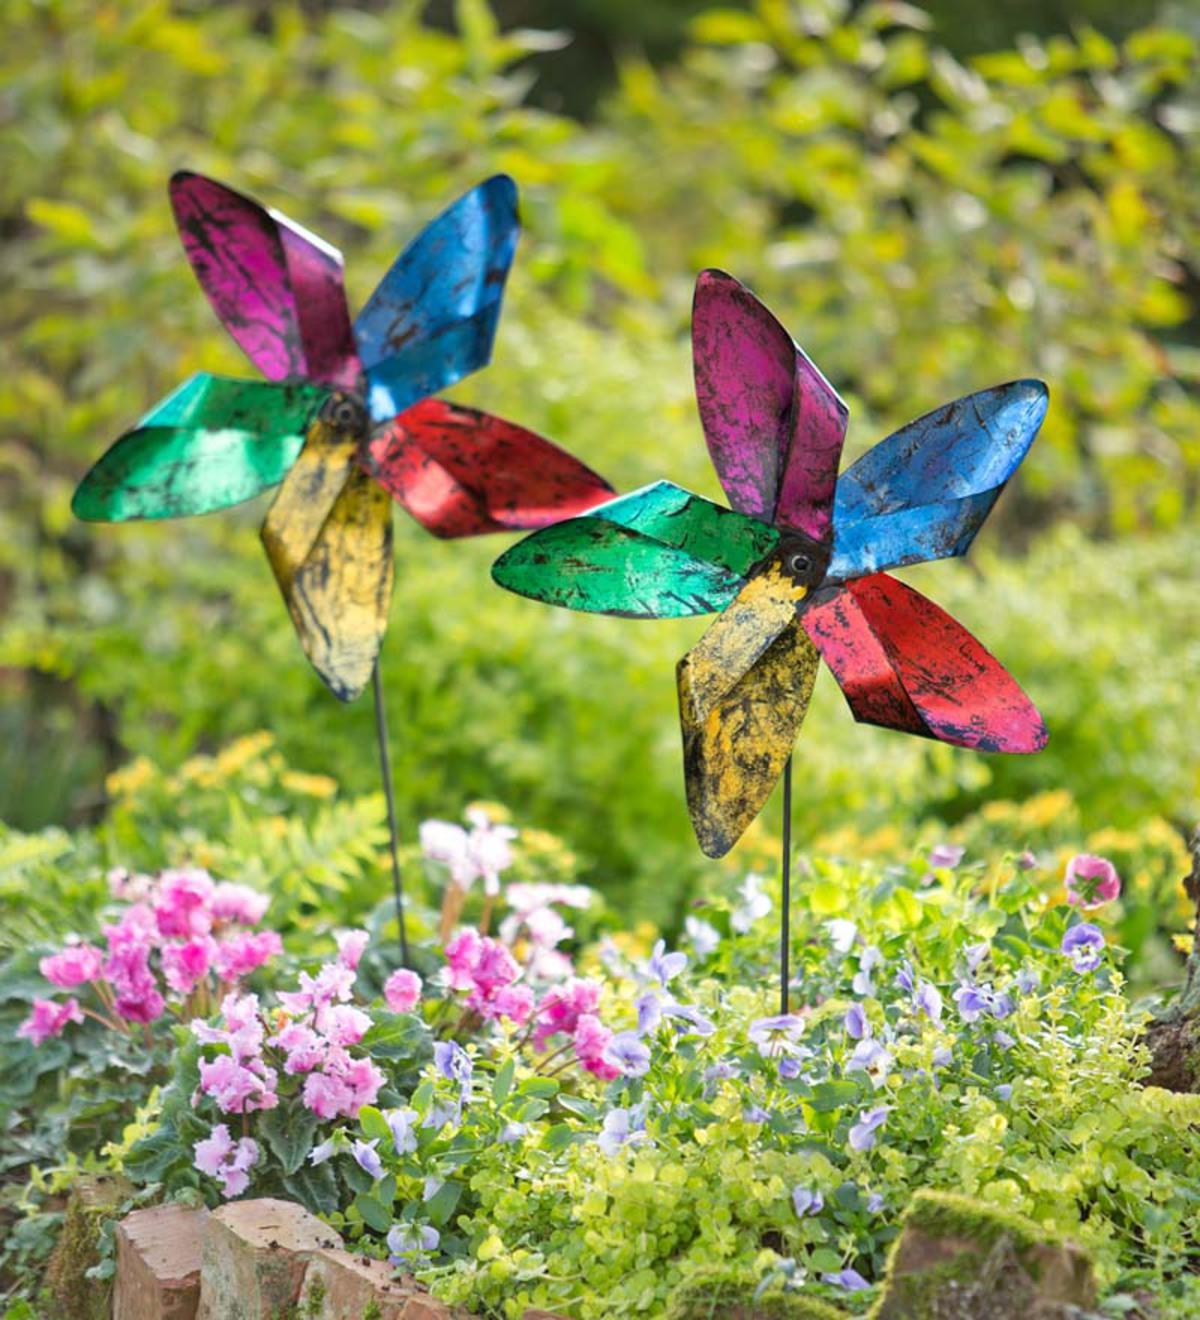 Family Fun Night: Create A Pinwheel Garden